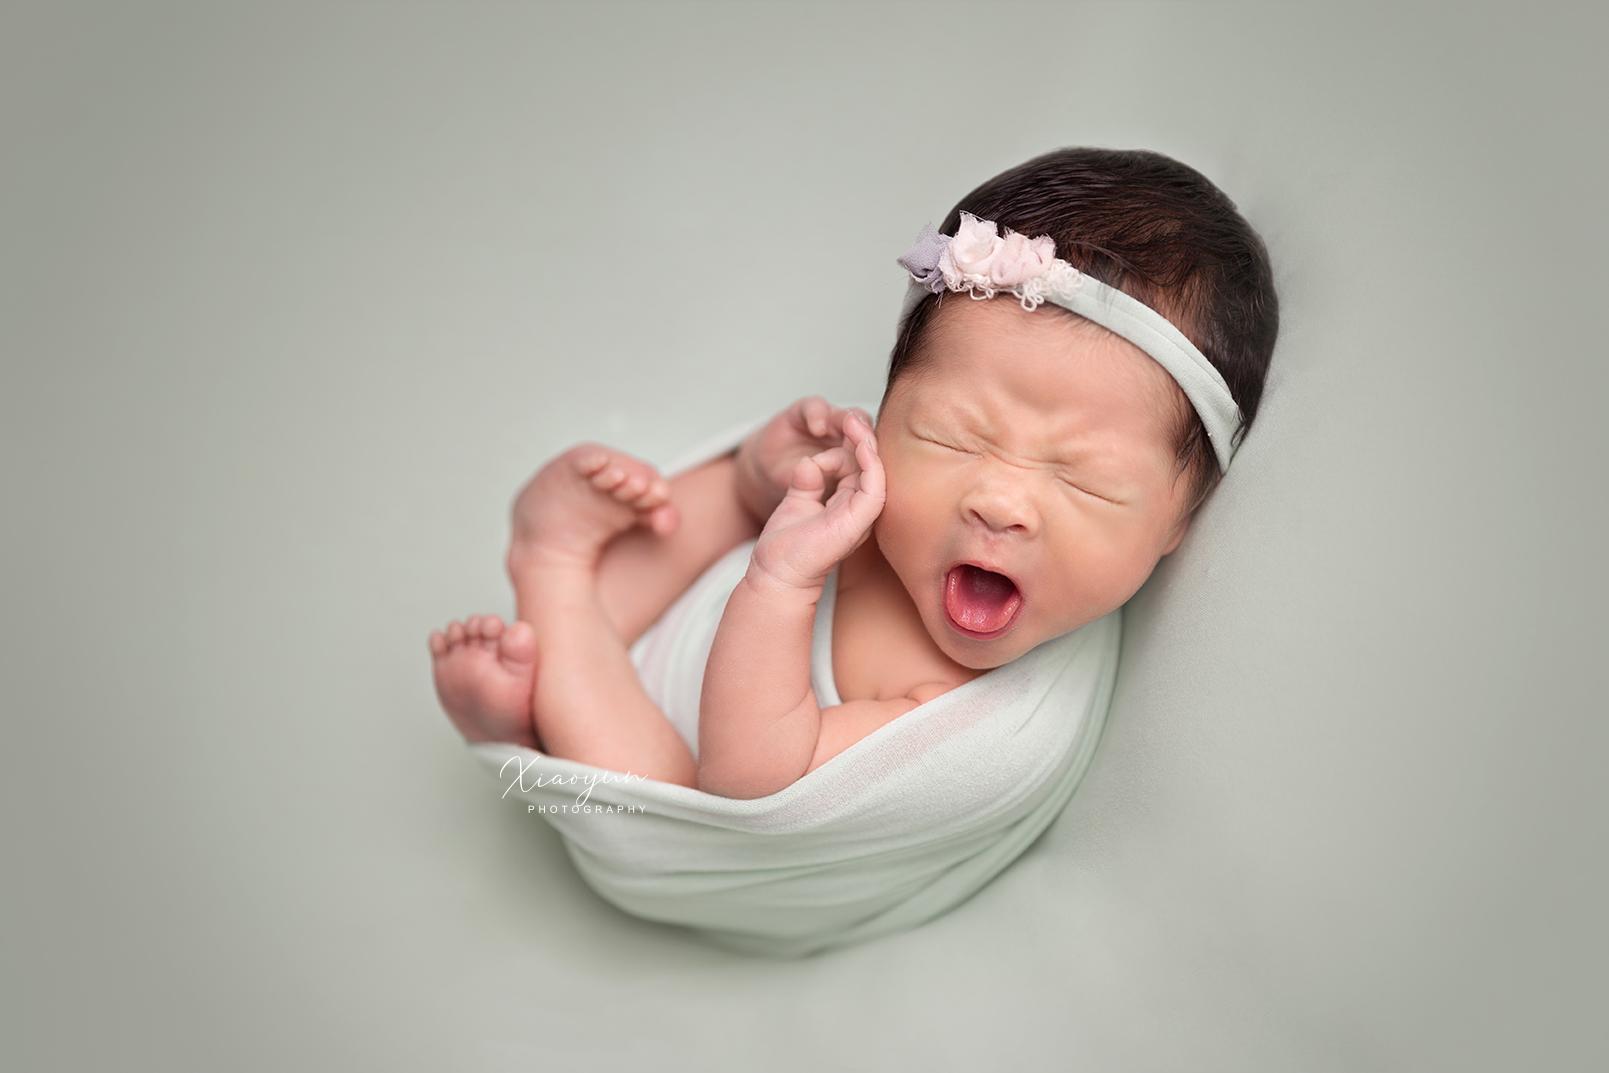 newborn baby photo shoot-n2